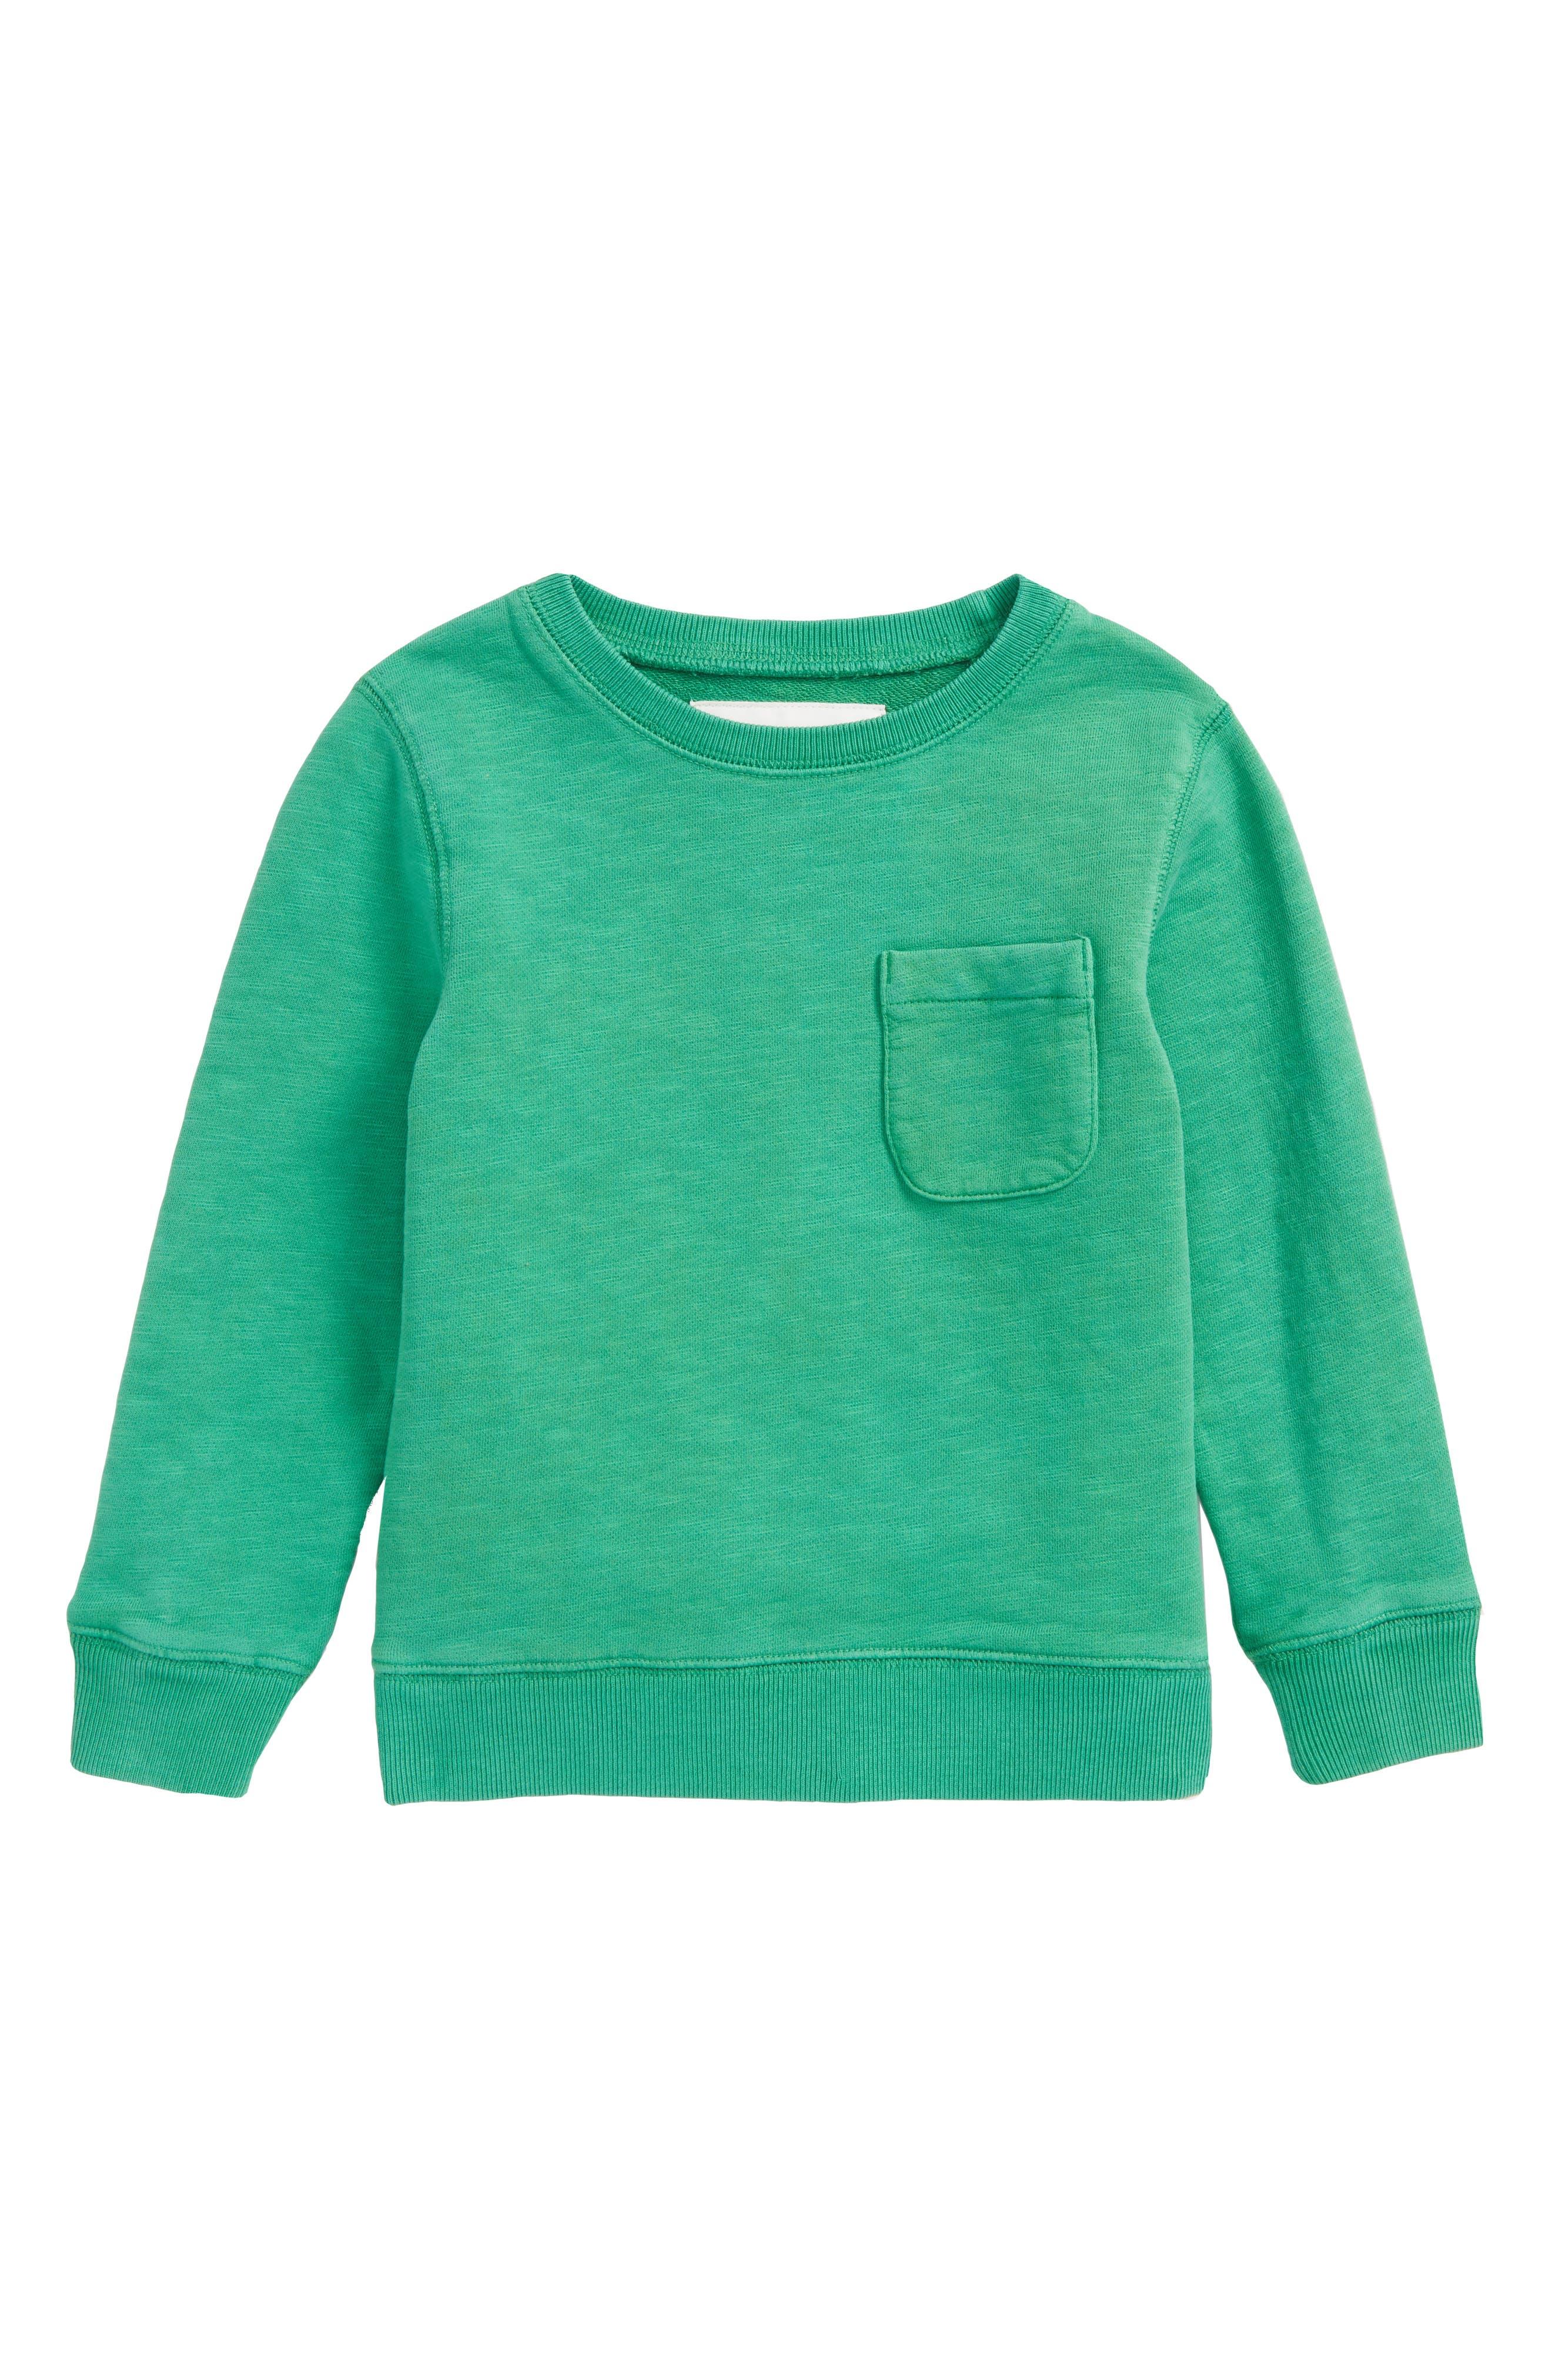 Mini Boden Pocket Crewneck Sweatshirt (Toddler Boys, Little Boys & Big Boys)